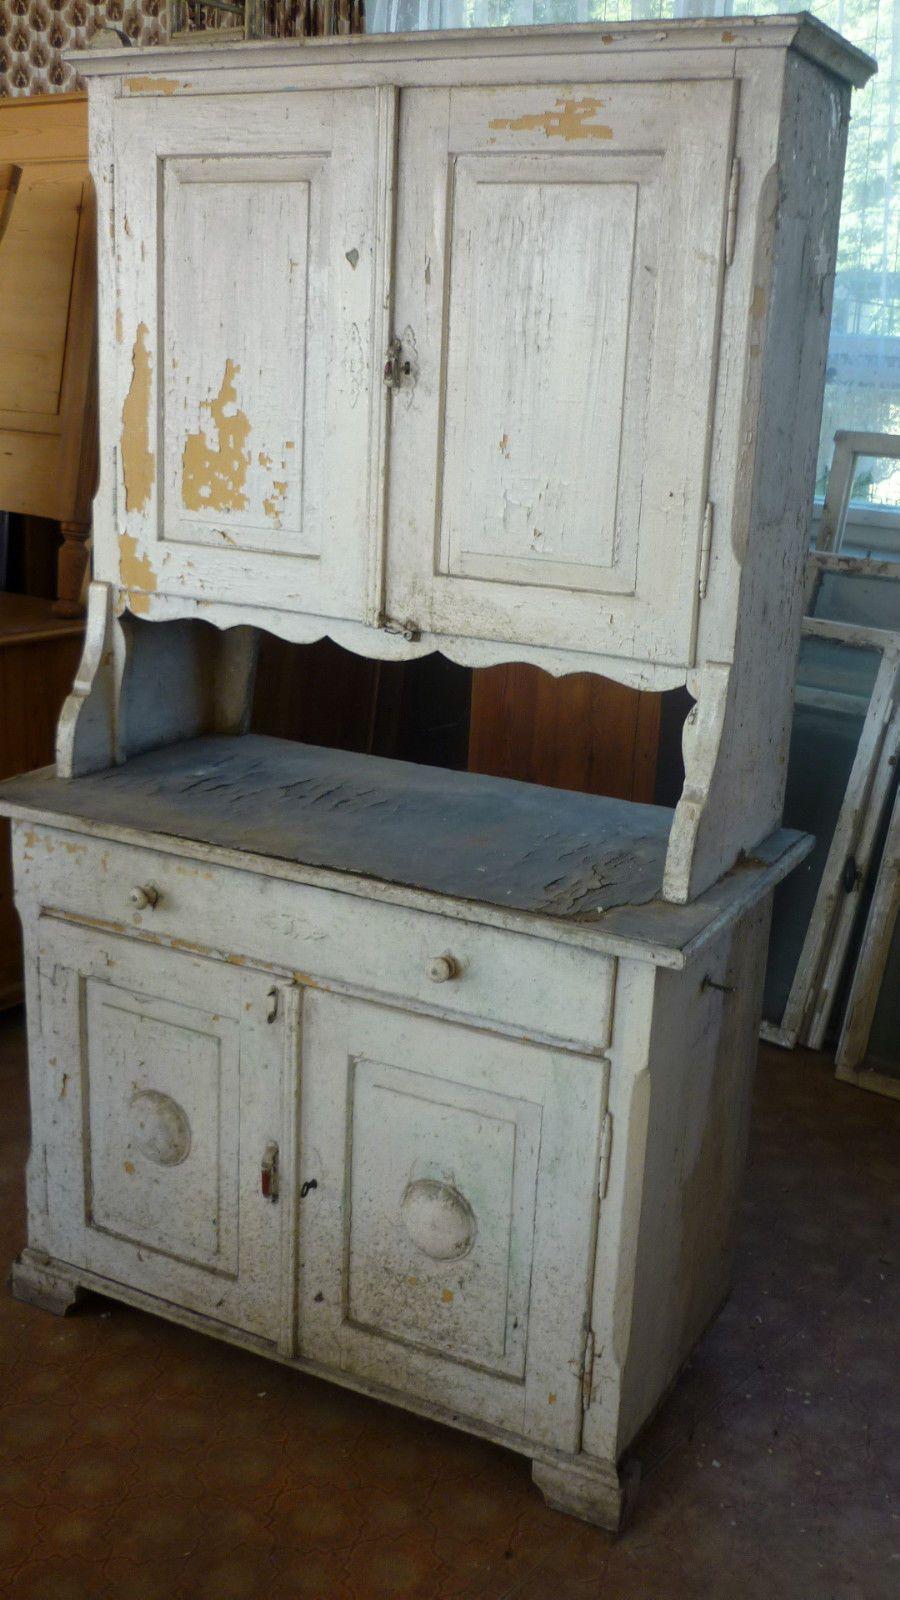 alter antiker k chenschrank weichholz schrank buffet k che wei shabby chic in antiquit ten. Black Bedroom Furniture Sets. Home Design Ideas